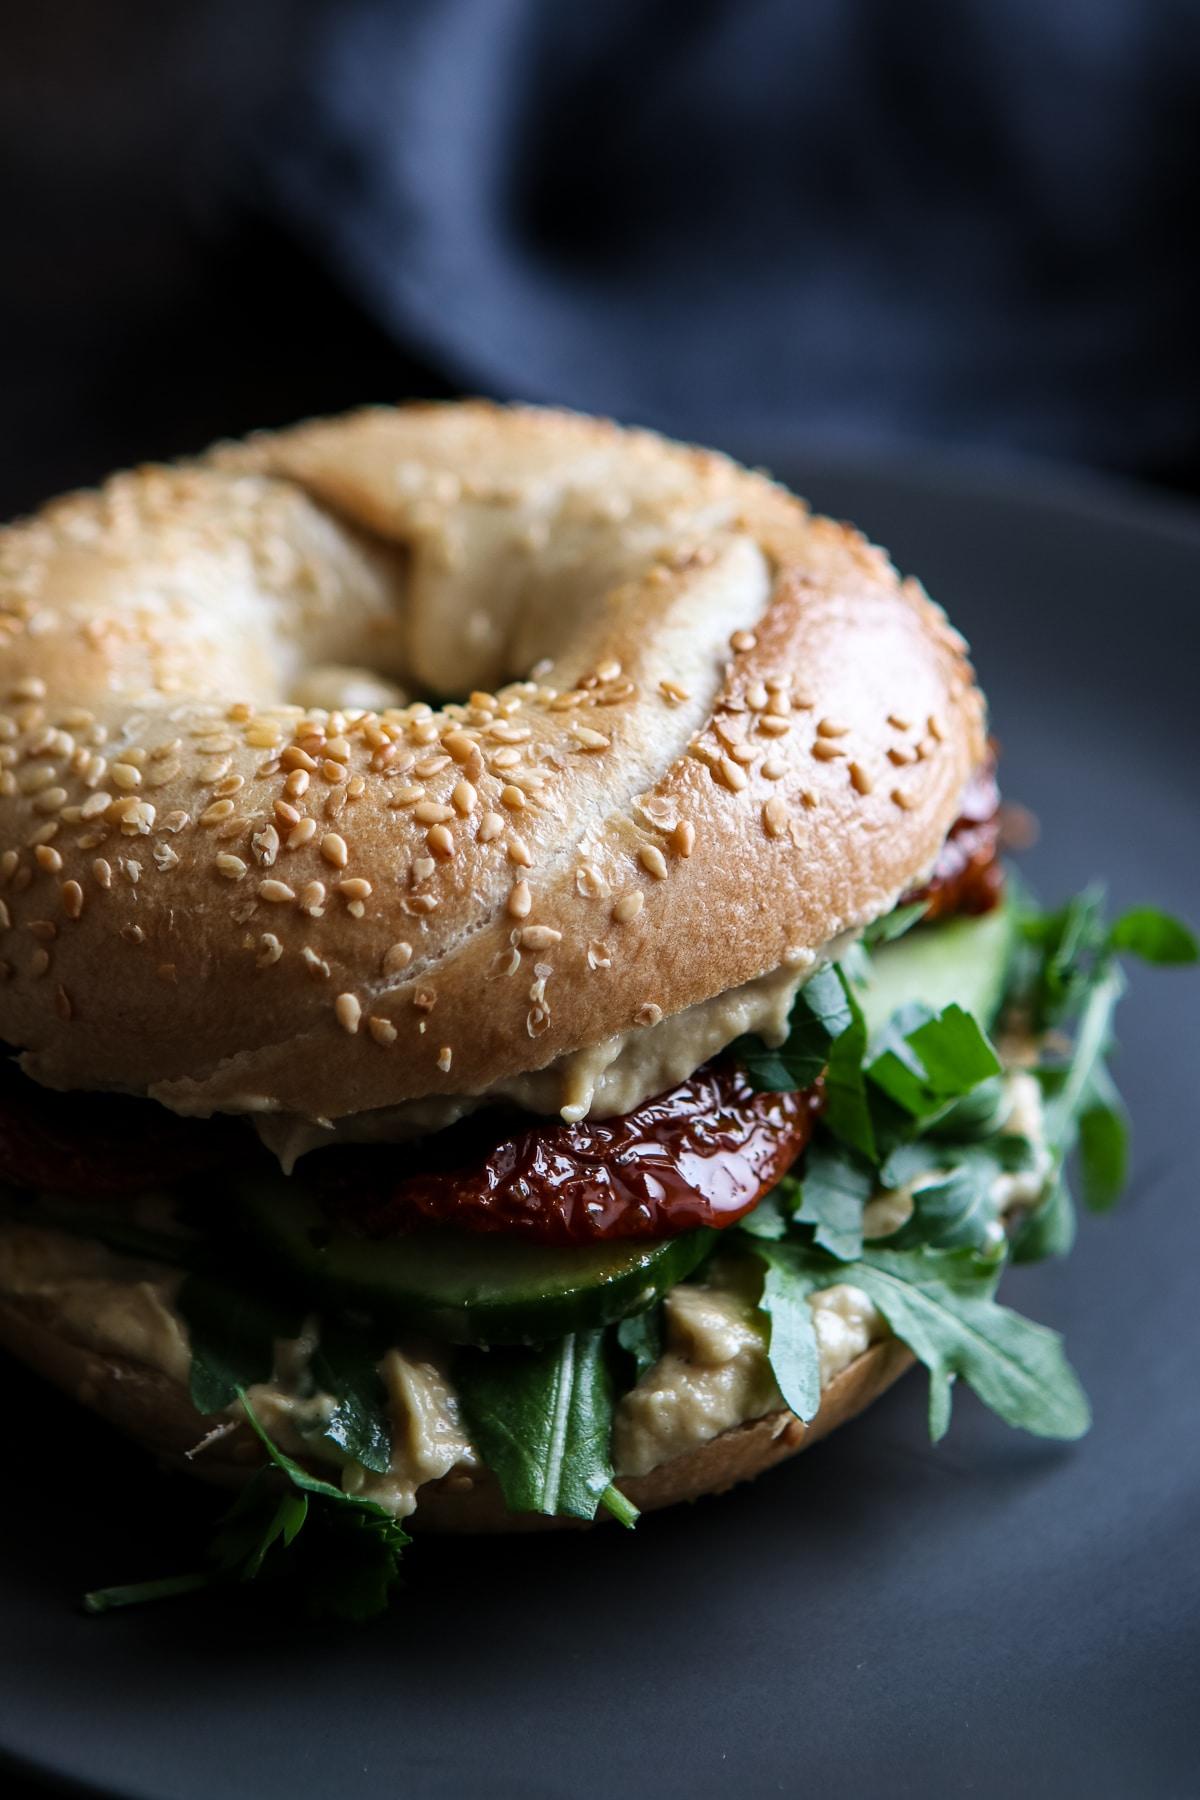 Vegan Bagel Sandwich on a Black Plate.